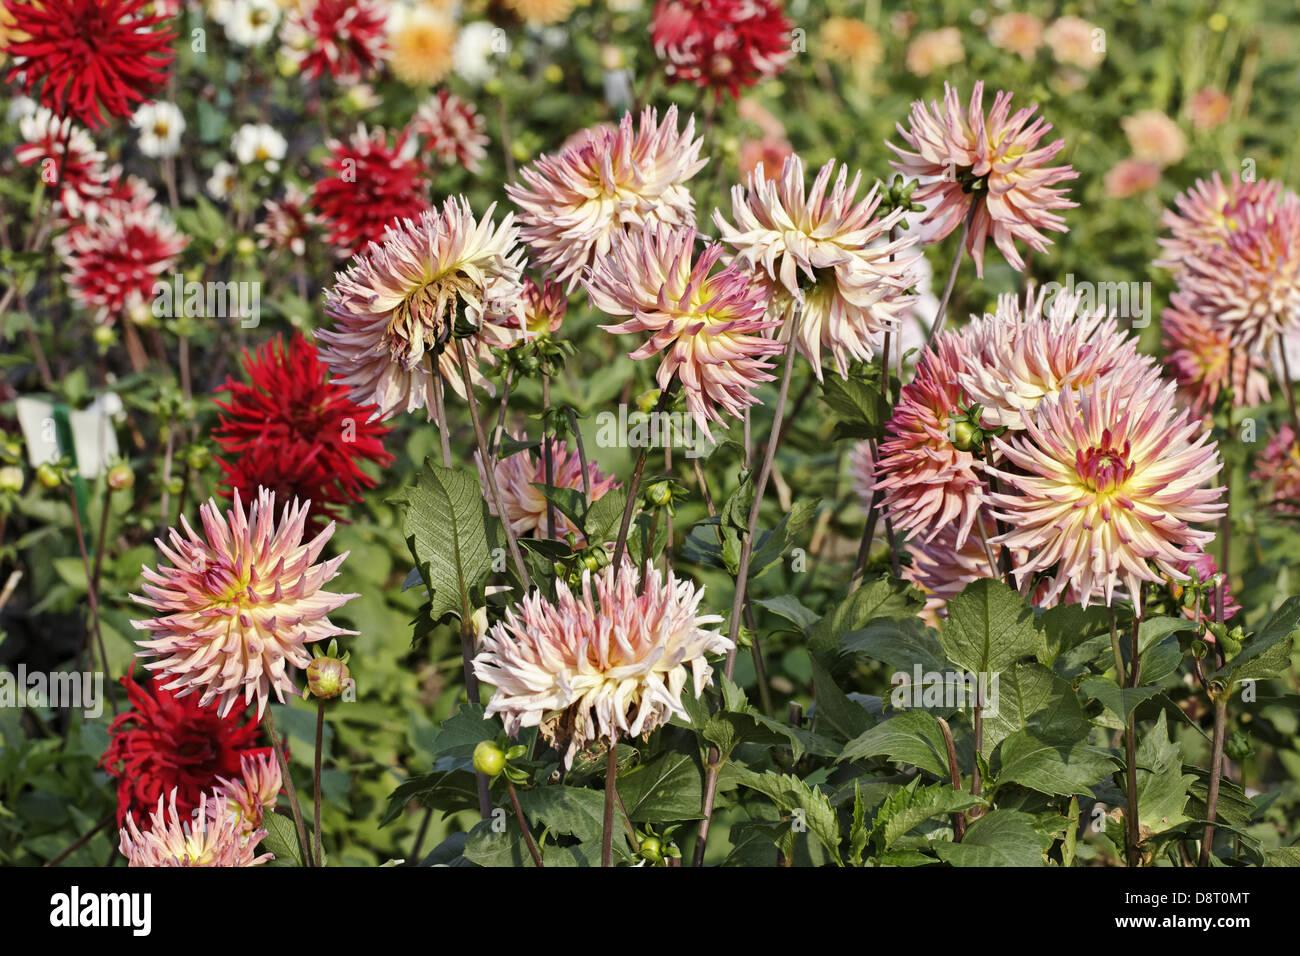 Dahlia 'Sarafina', Cactus Dahlia - Stock Image